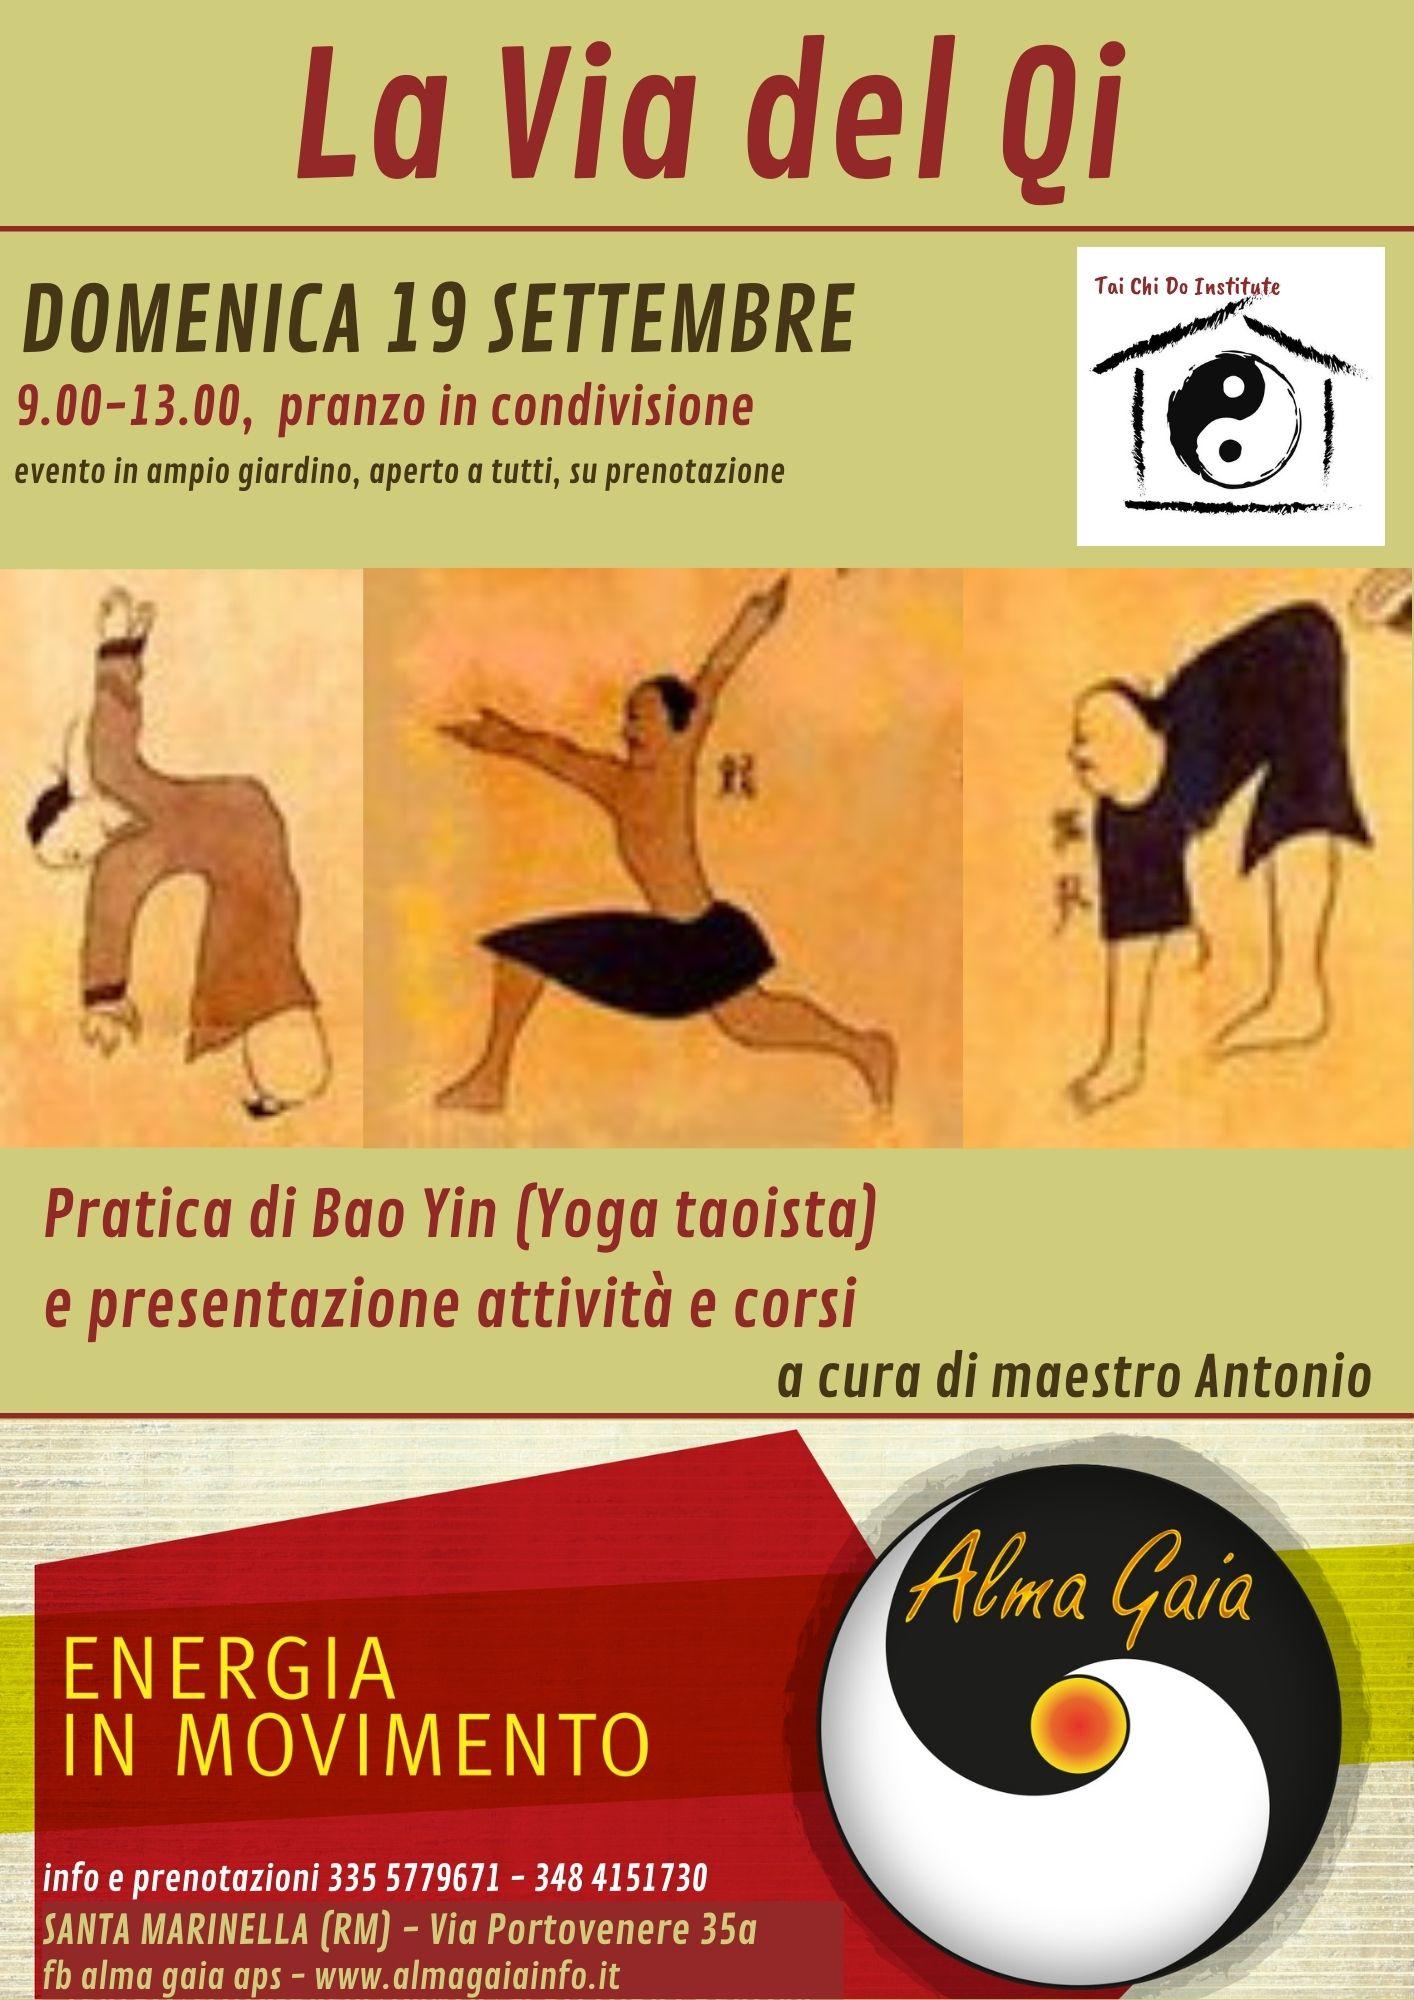 LA VIA DEL QI – pratica di Bao Yin (Yoga taoista) ore 9-13